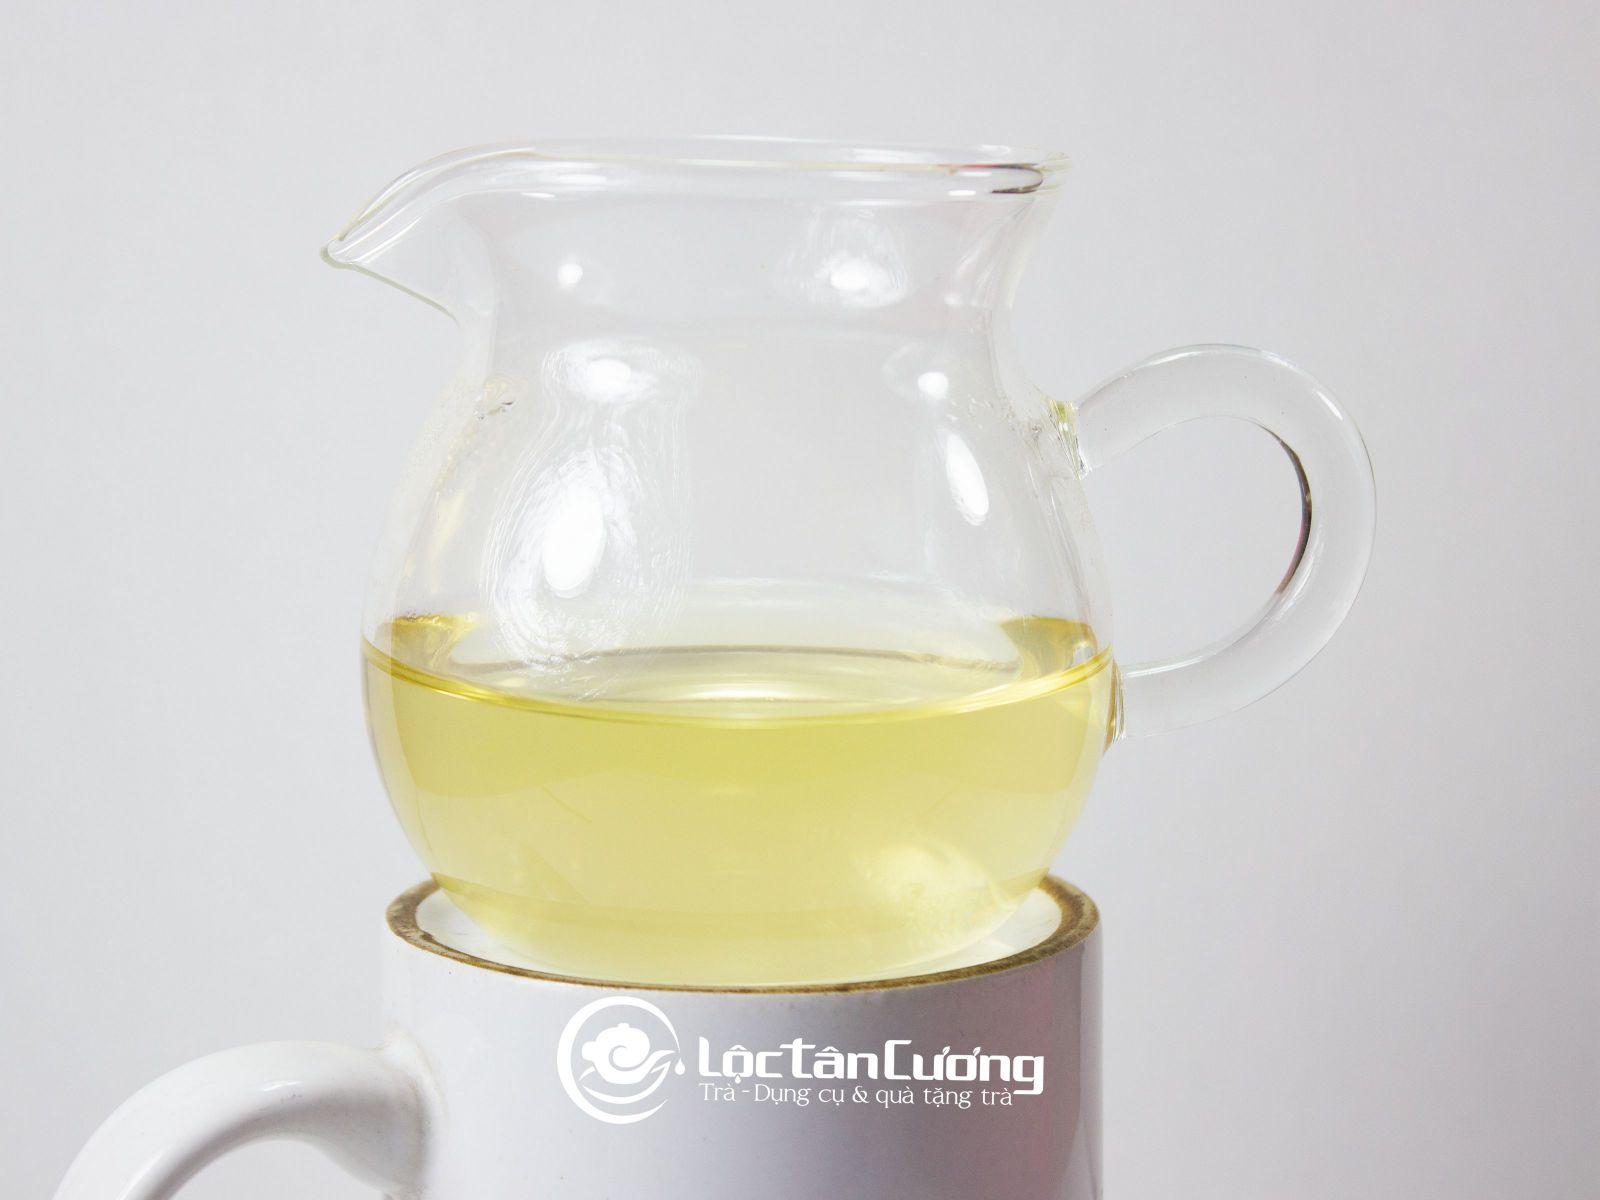 Đây là trà shan tuyết Tà Xùa sau khi được pha, màu nước vàng đẹp, vị chát dịu và hương thơm đặc trưng phong vị của núi rừng